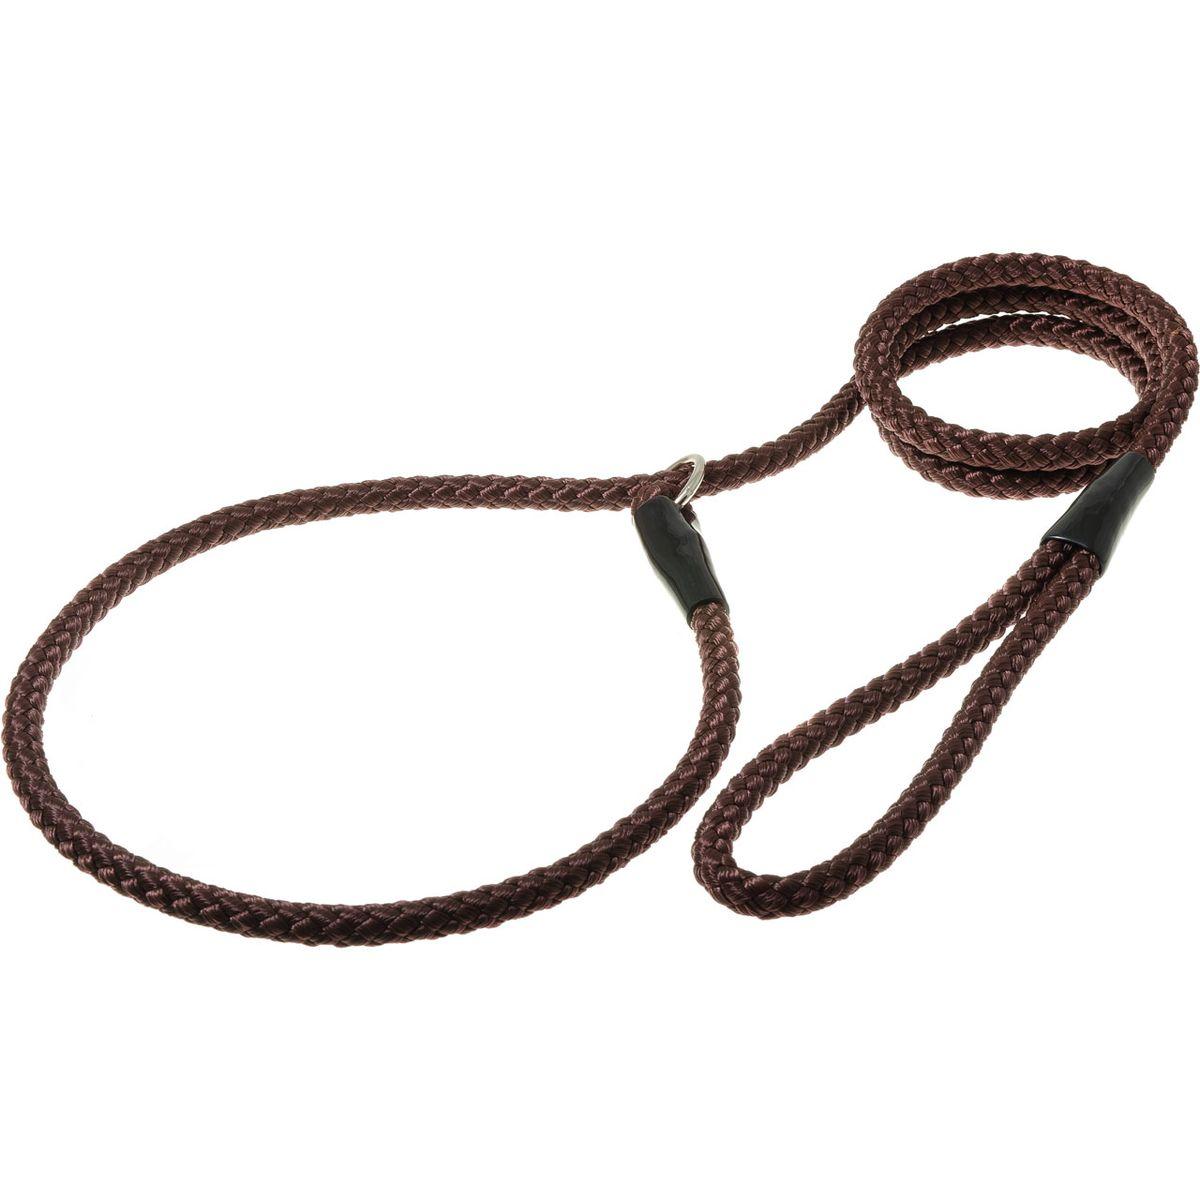 Поводок-удавка с кольцом нейлоновый канат 10мм*170см (коричневый)PDE1068BR